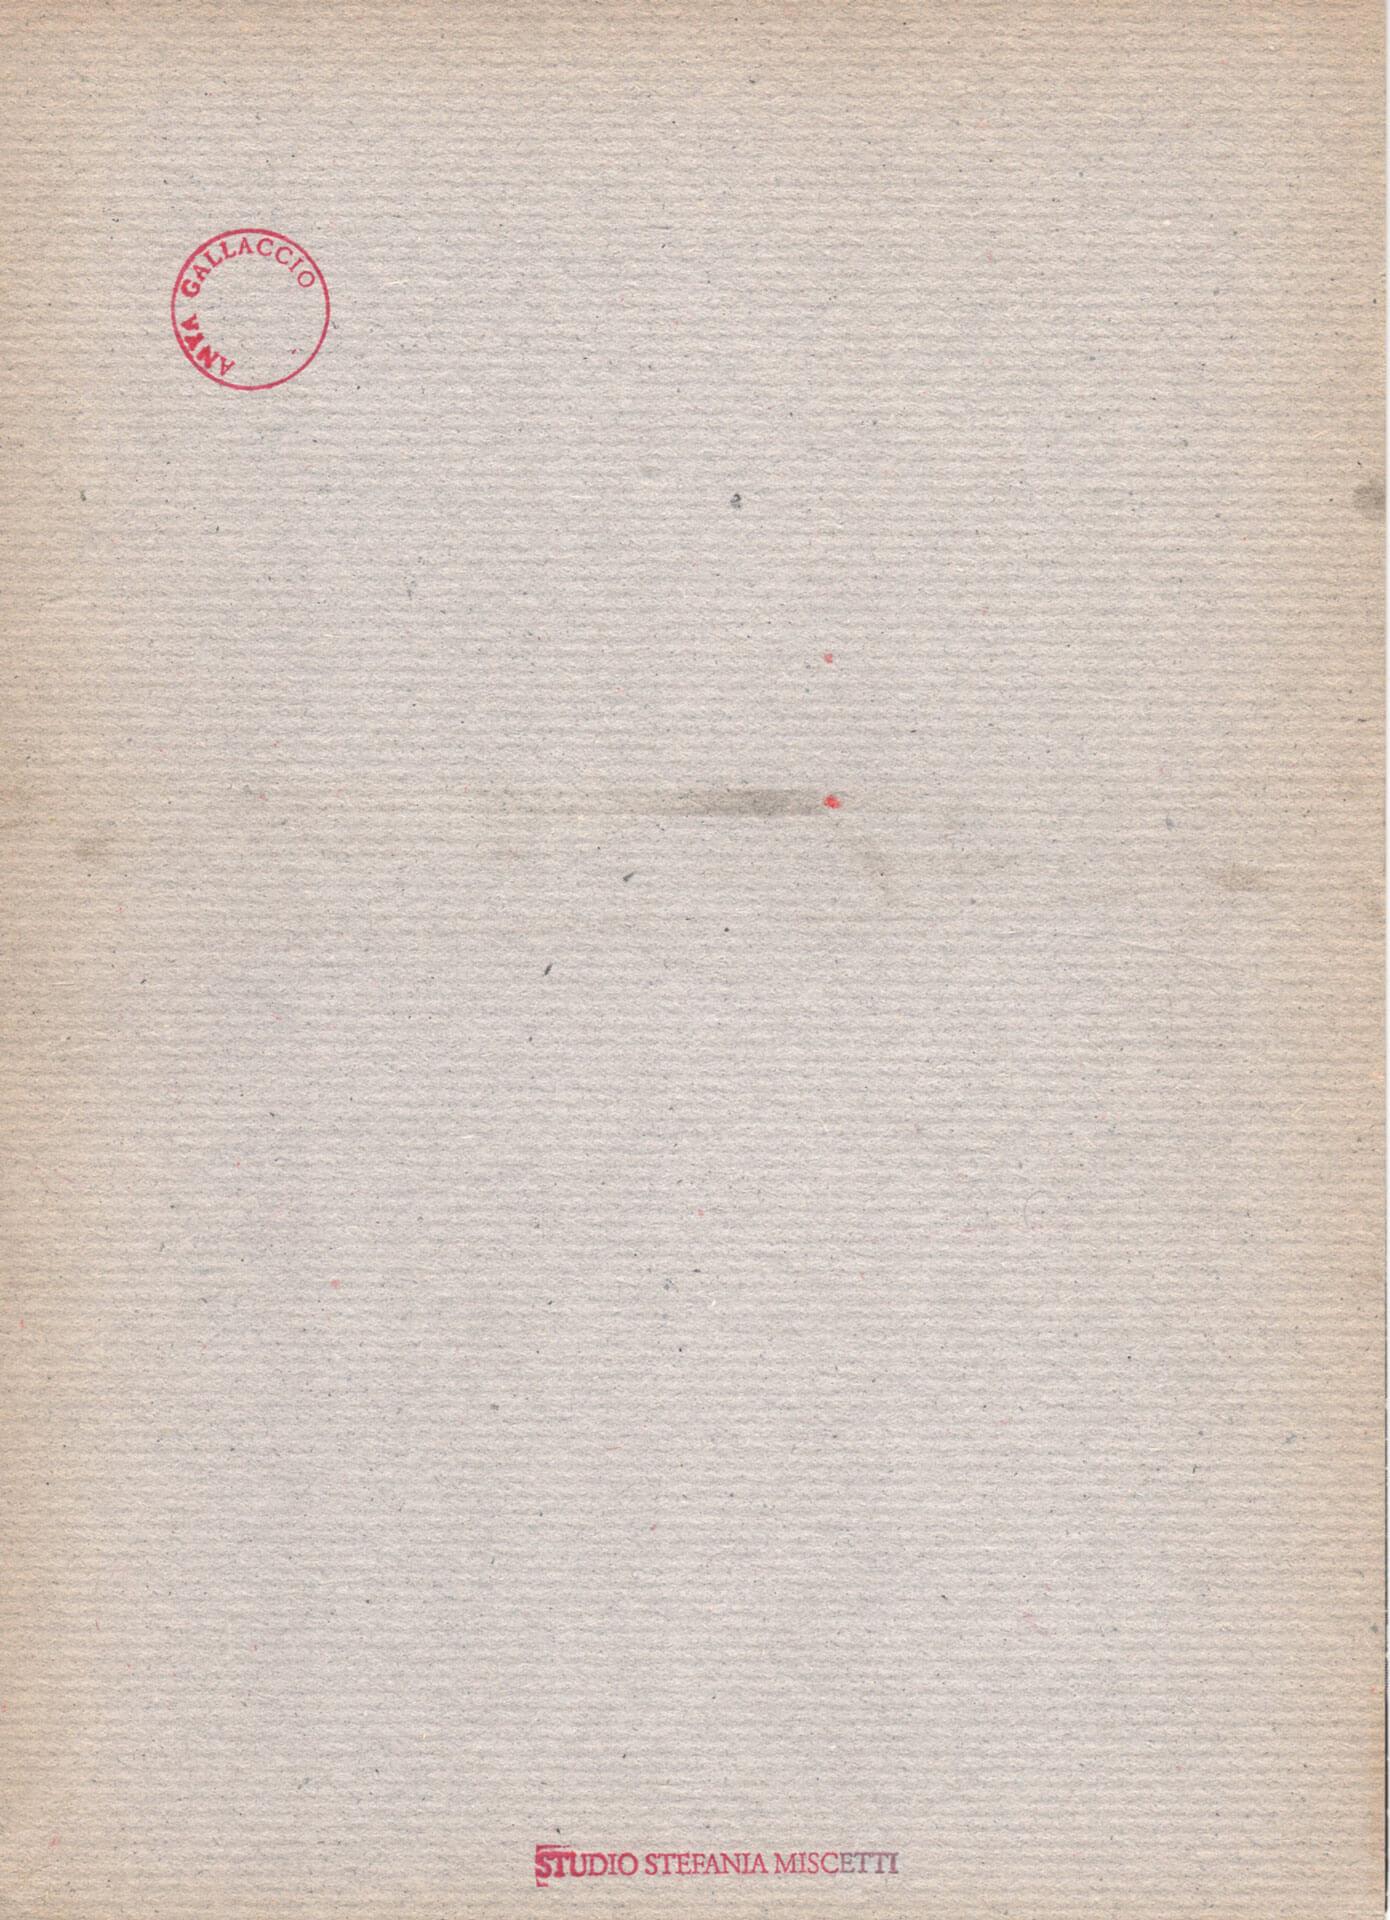 Studio Stefania Miscetti | Catalogues | Anya Gallaccio | La dolce vita